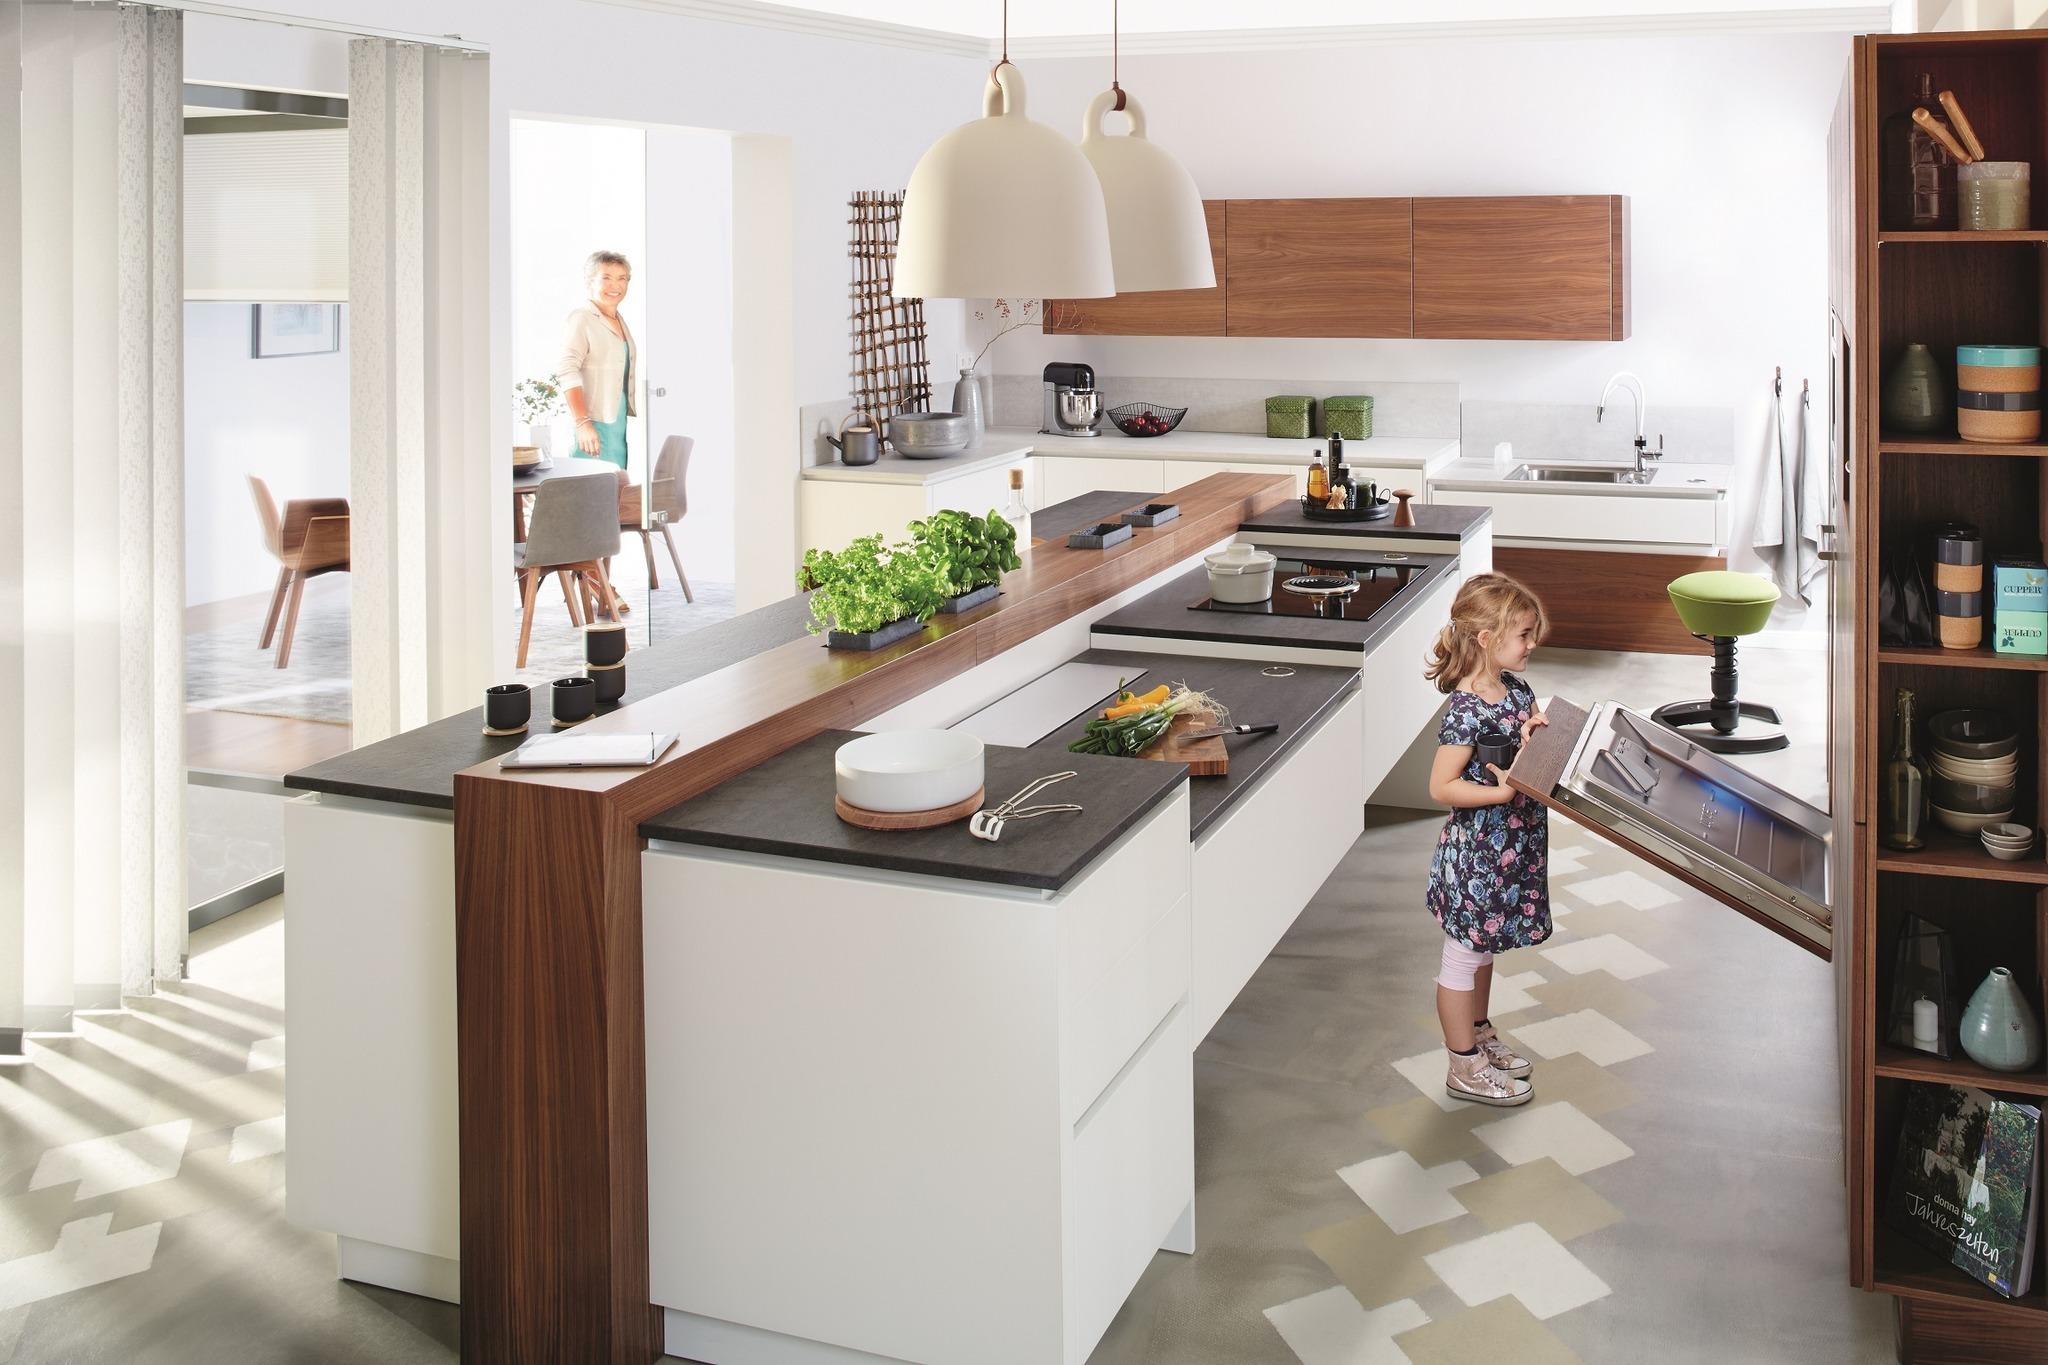 Gewinnen sie eine küchenplanung inkl 4d präsentation niederösterreich